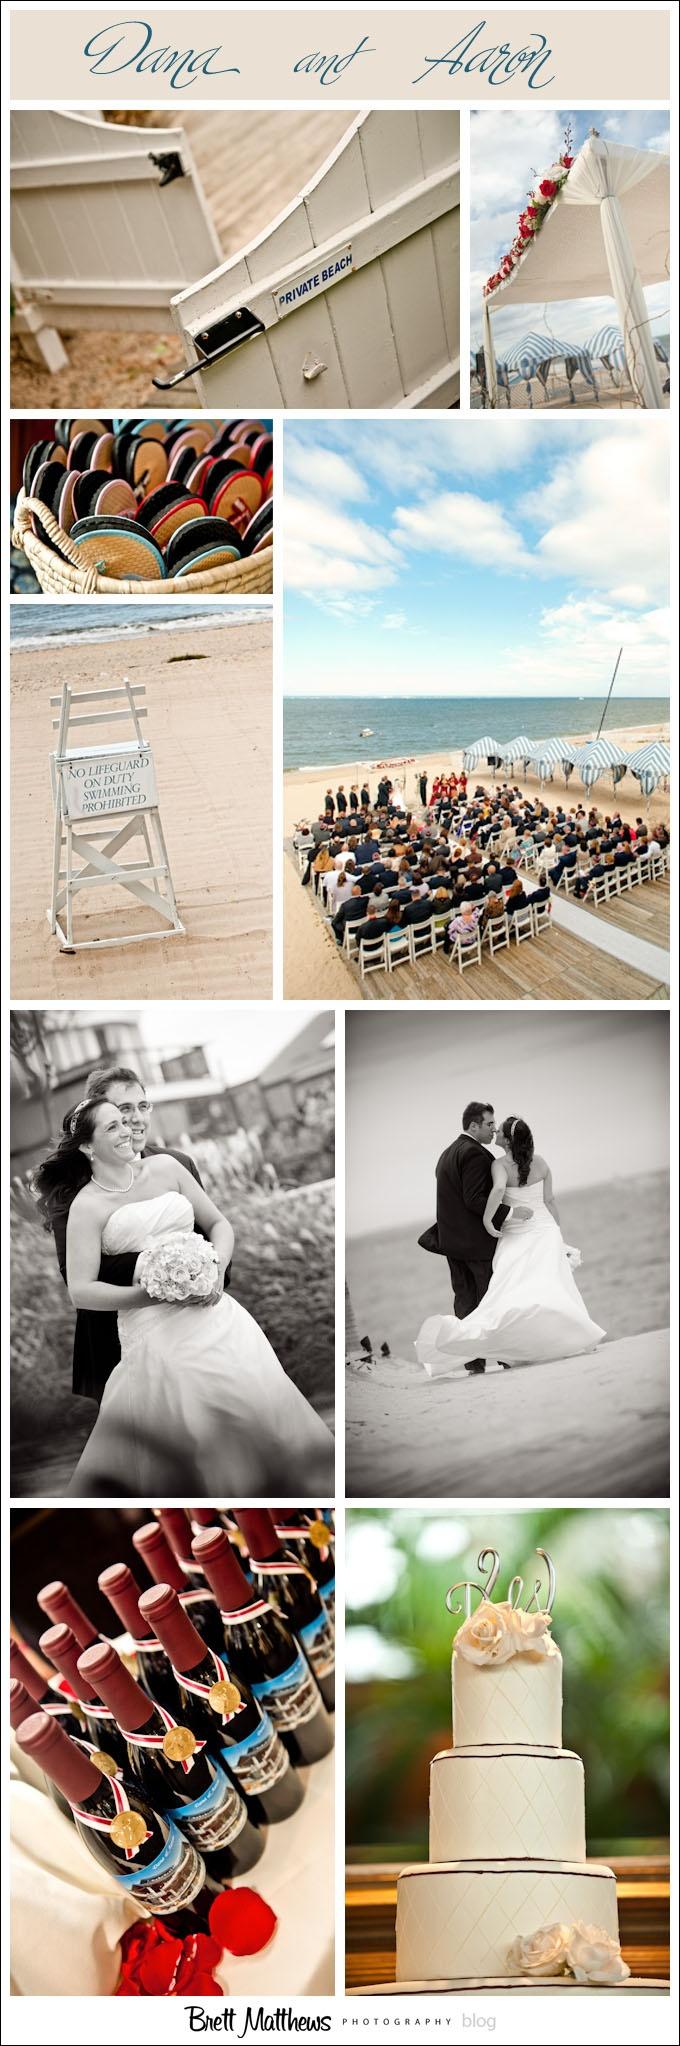 Crescent Beach Club Wedding Photos Of Dana And Steve